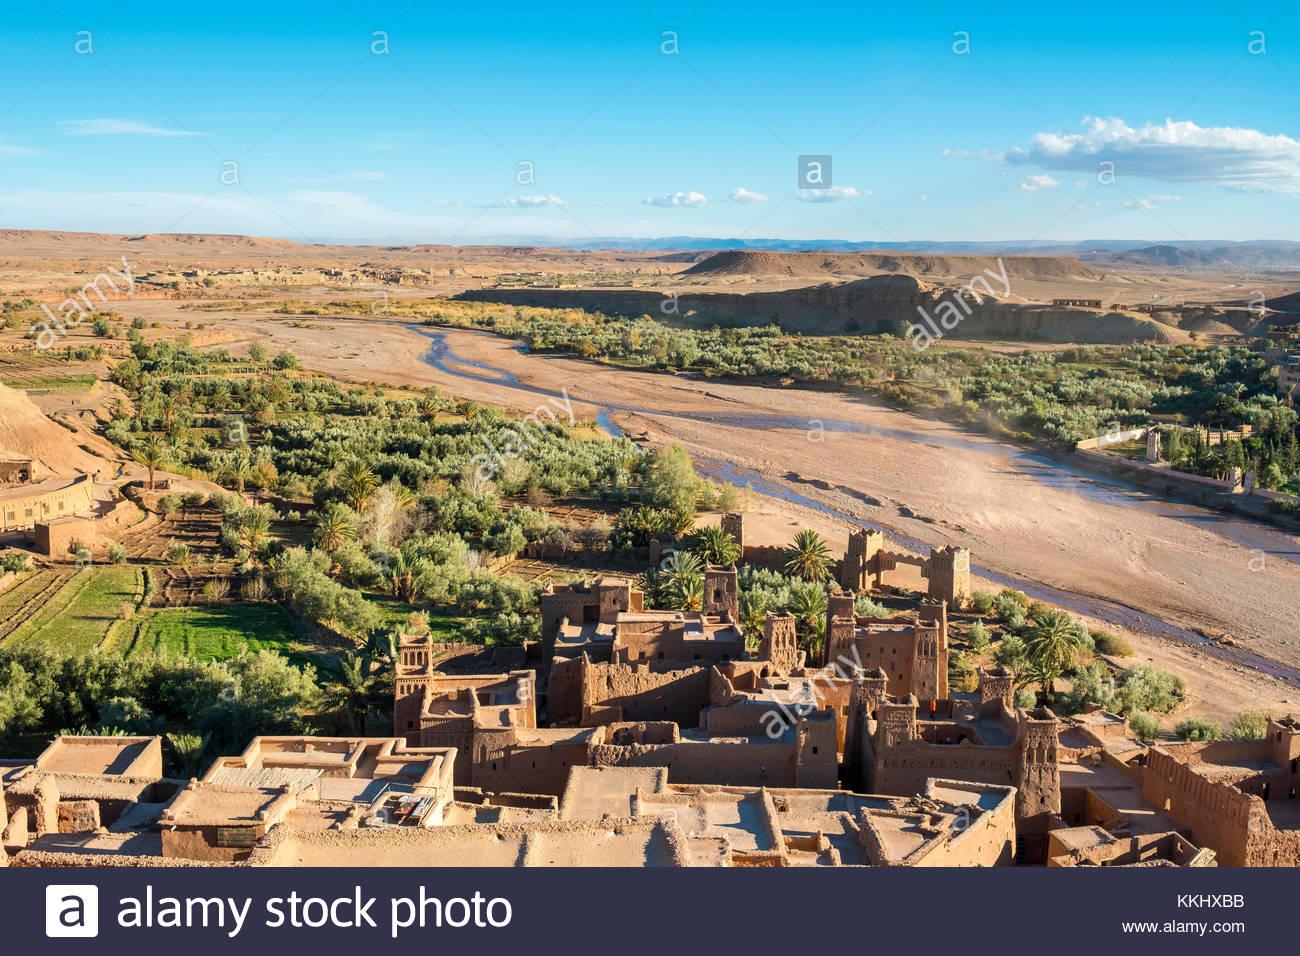 Il Marocco, Sous-Massa (Sous-Massa-Draa), provincia di Ouarzazate. Vista dal villaggio uppter all'interno di Immagini Stock